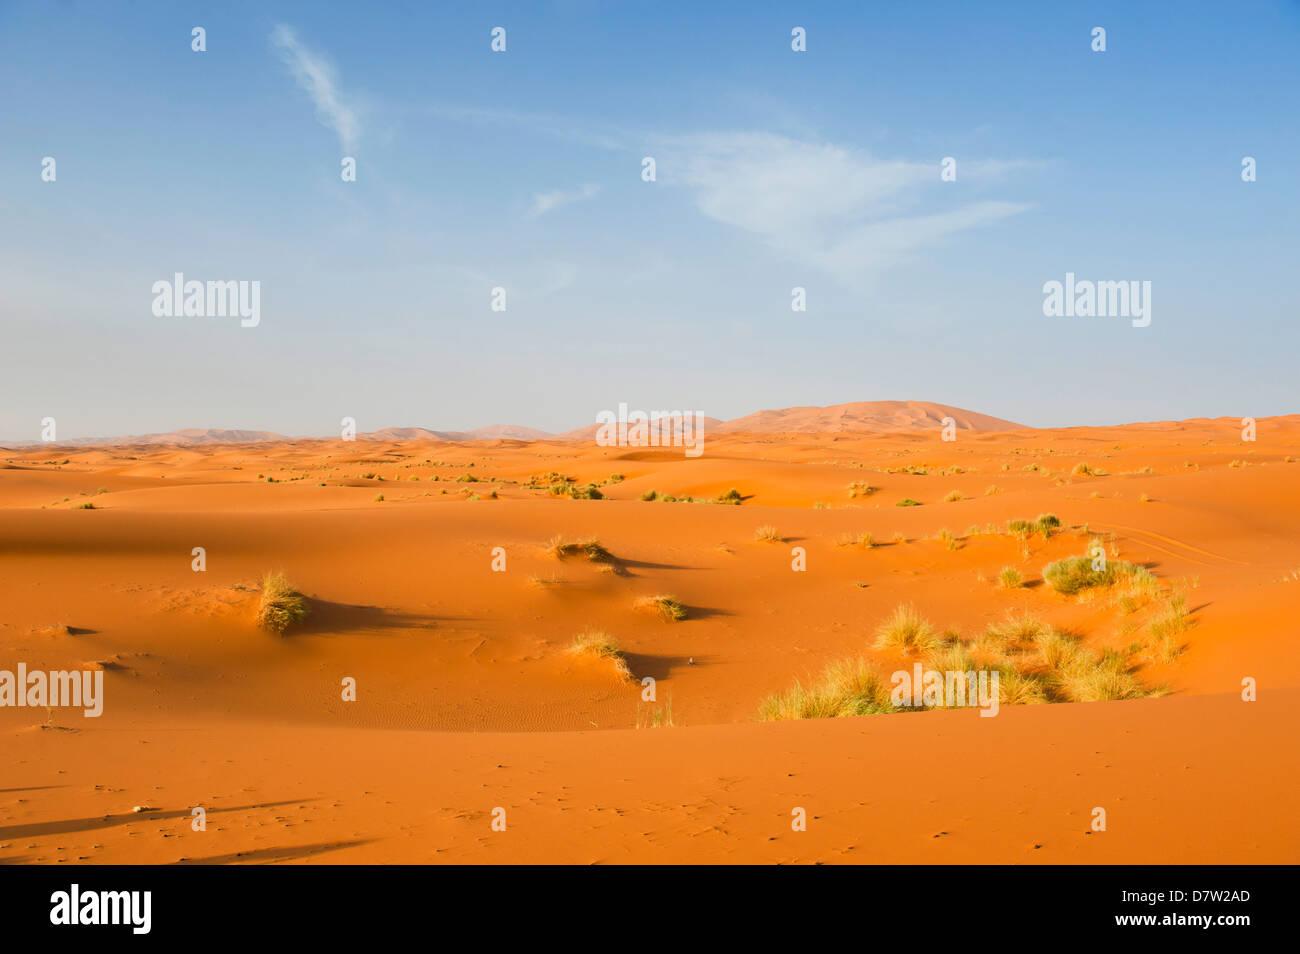 Sanddüne Landschaft am Erg Chebbi Wüste Sahara in der Nähe von Merzouga, Marokko, Nordafrika Stockbild